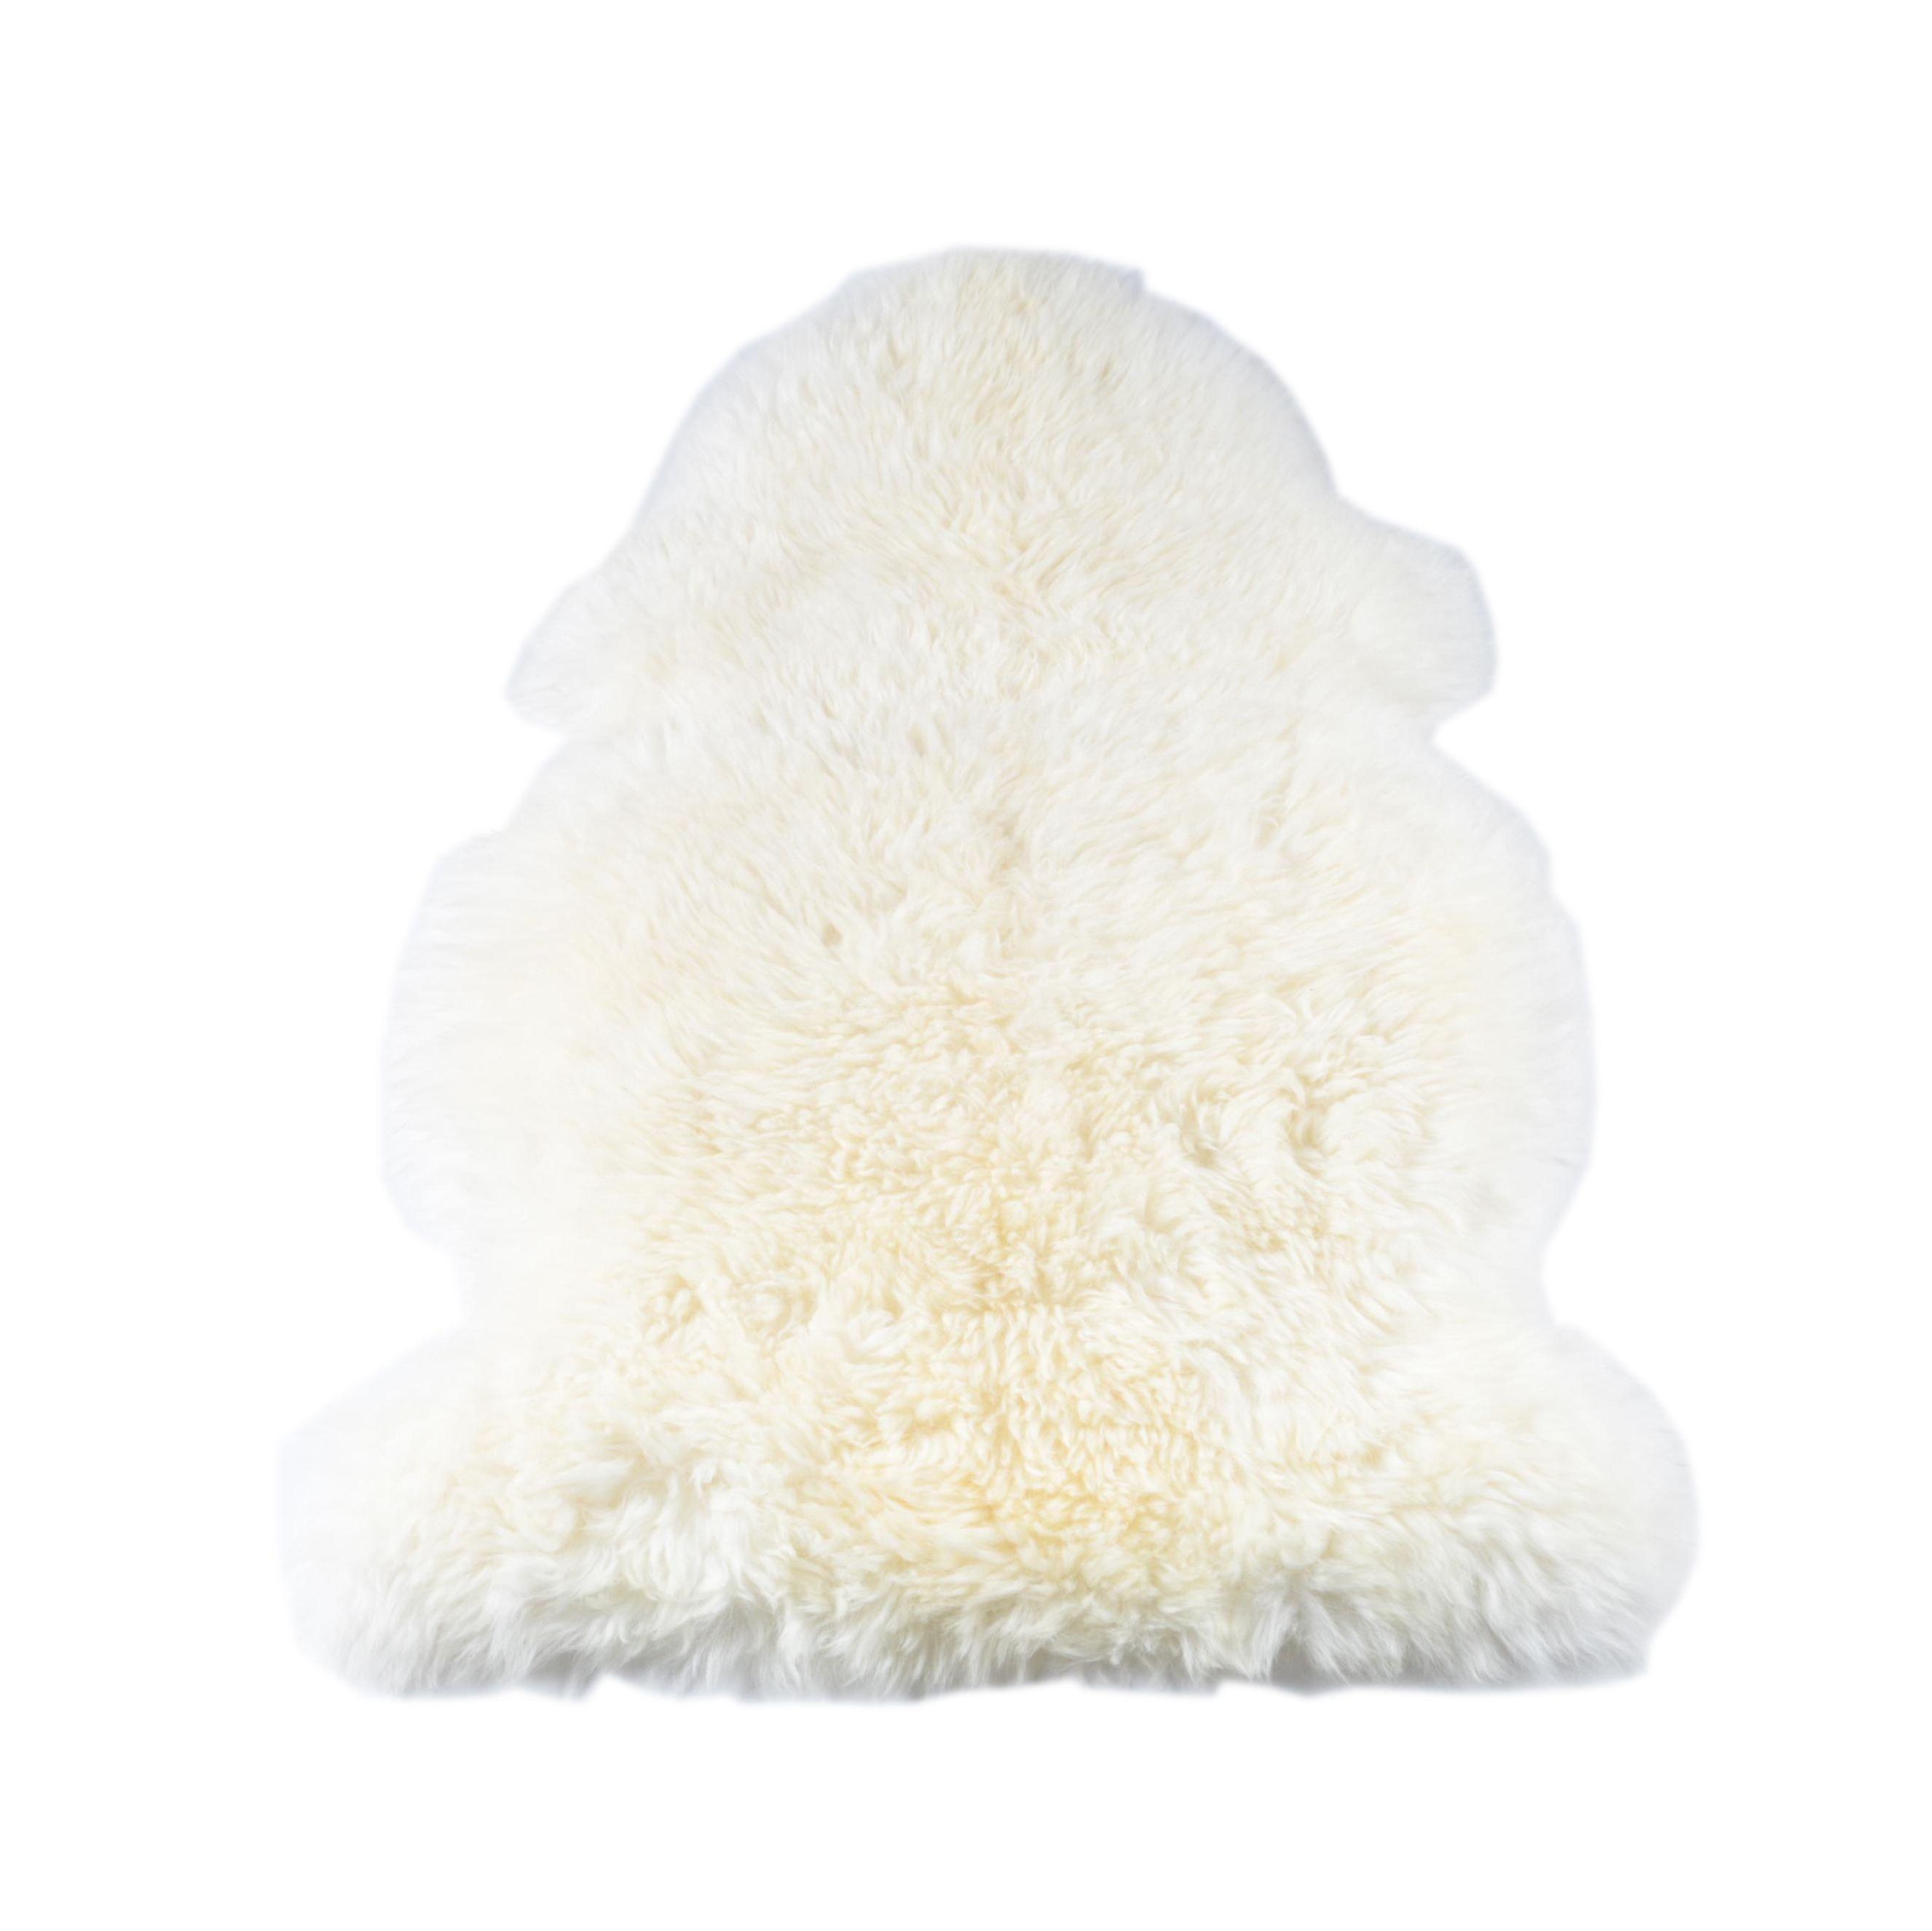 Natural Cut New Zealand Sheepskin Accent Rug